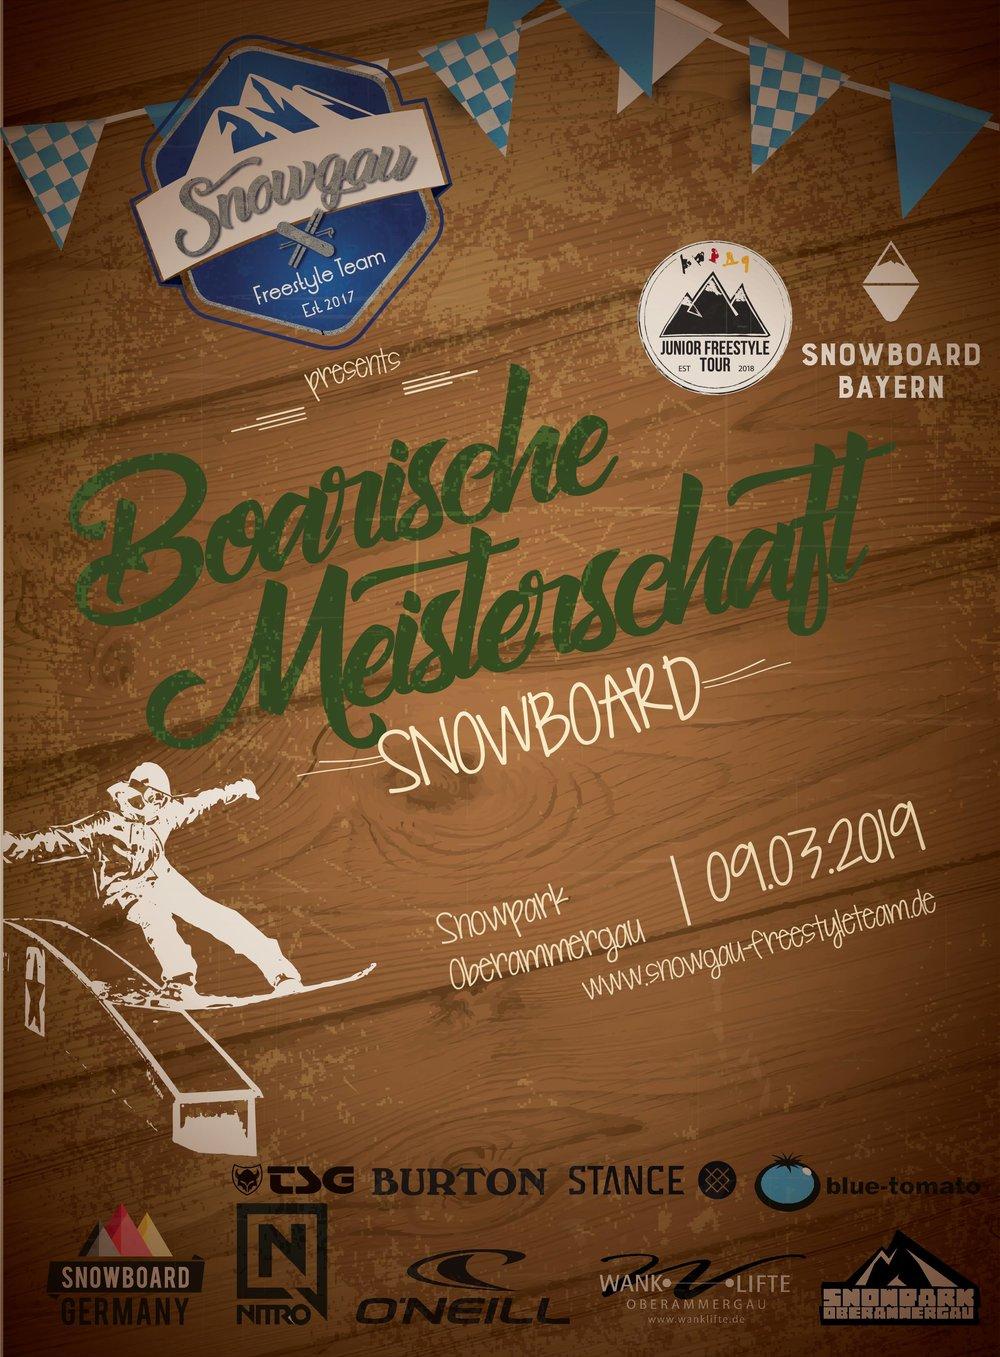 Bayerische-Meisterschaften_Snowboard-Slopestyle_Oberammergau_2019 Flyer